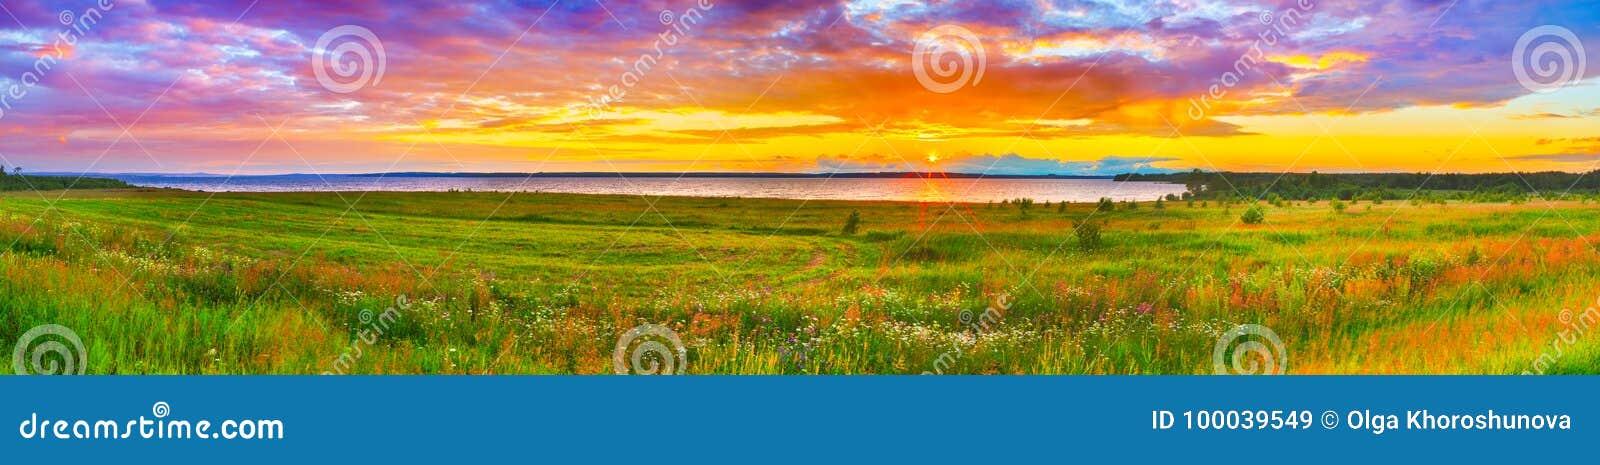 Zmierzch nad rzecznym Kama panorama